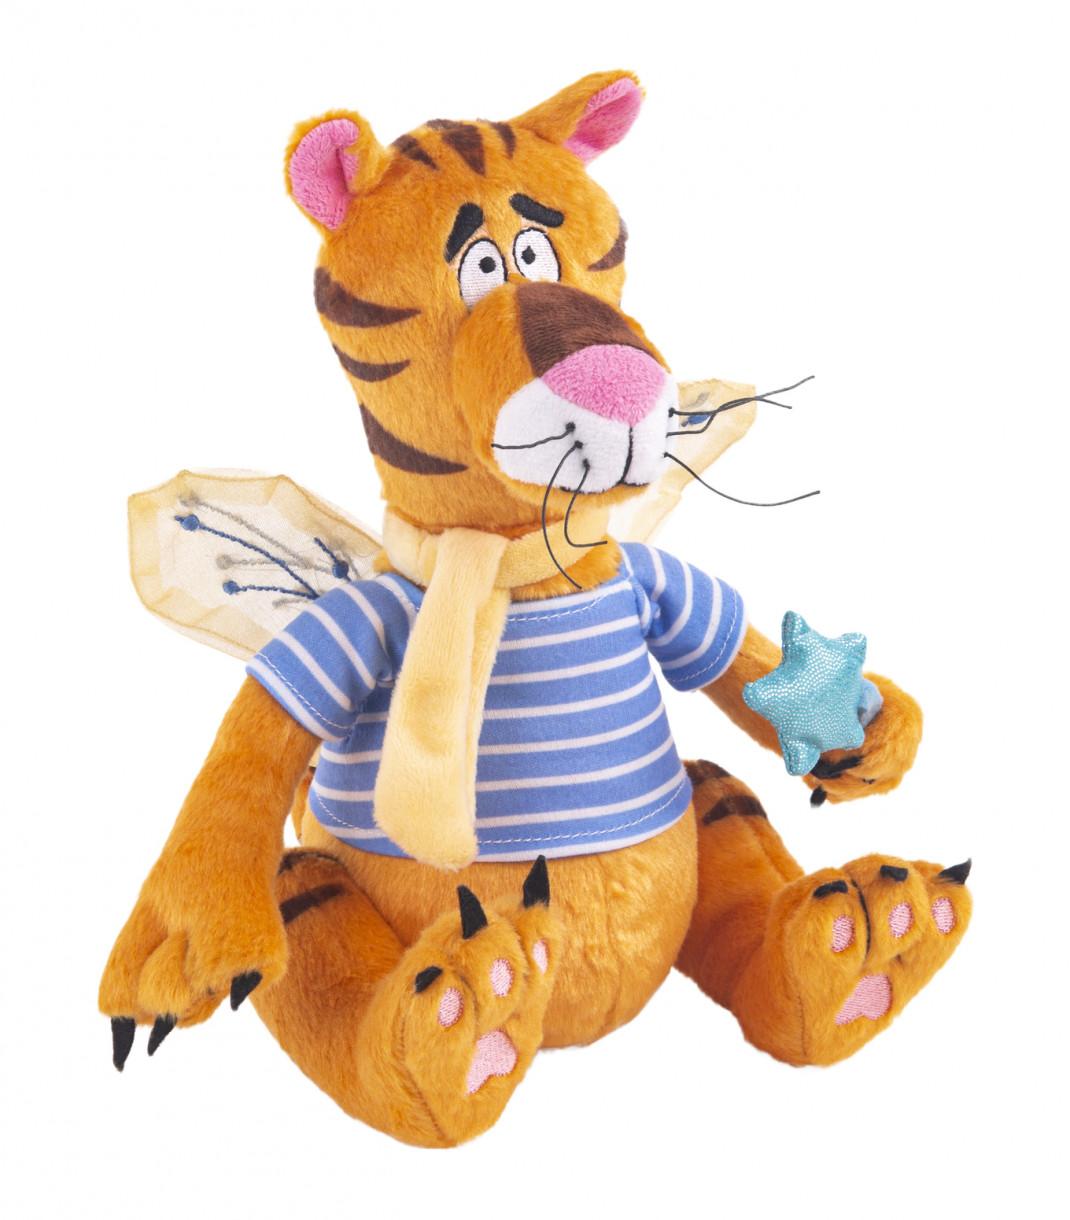 Фото - Gulliver мягкая игрушка Gulliver Тигро-Фей мягкая игрушка, 20 см мягкая игрушка gulliver слоник нежный 20 см